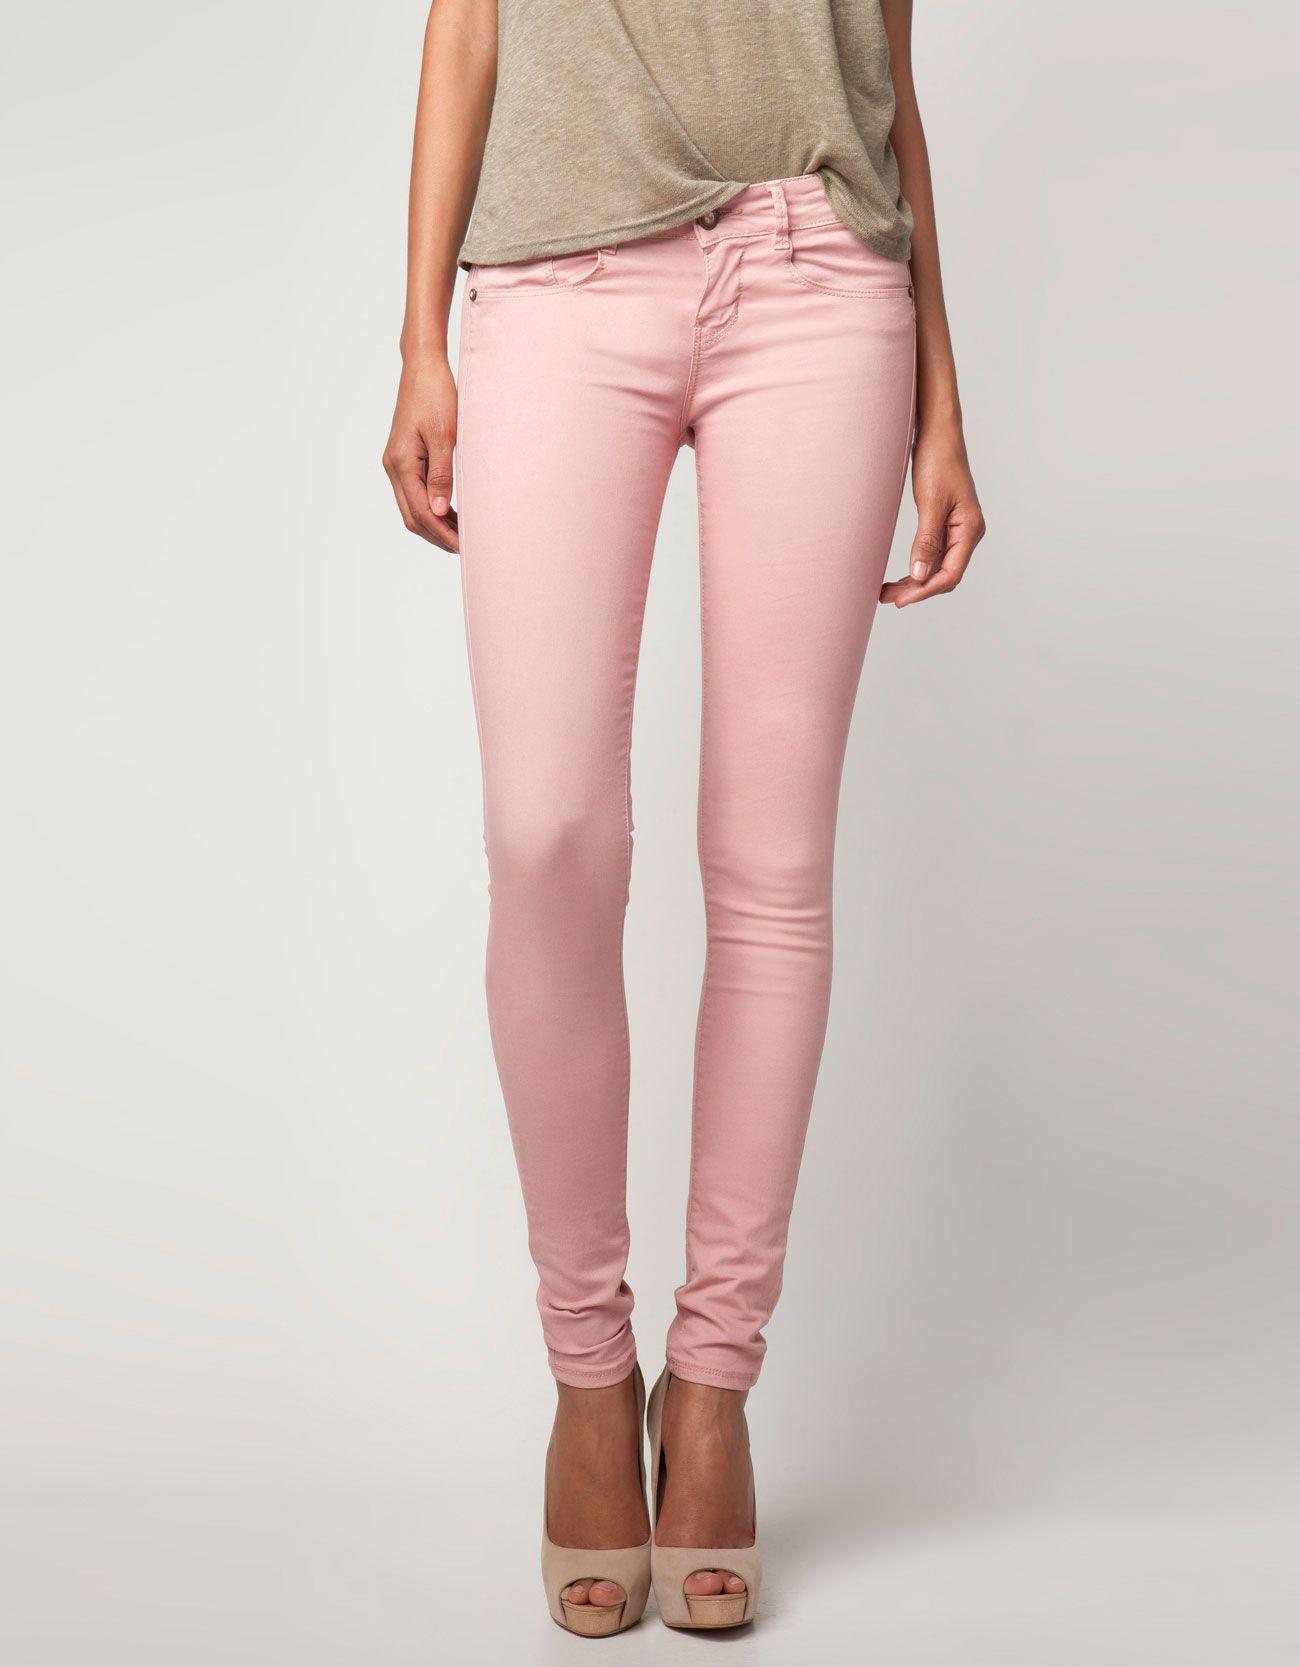 Bershka colour jeans 786122399